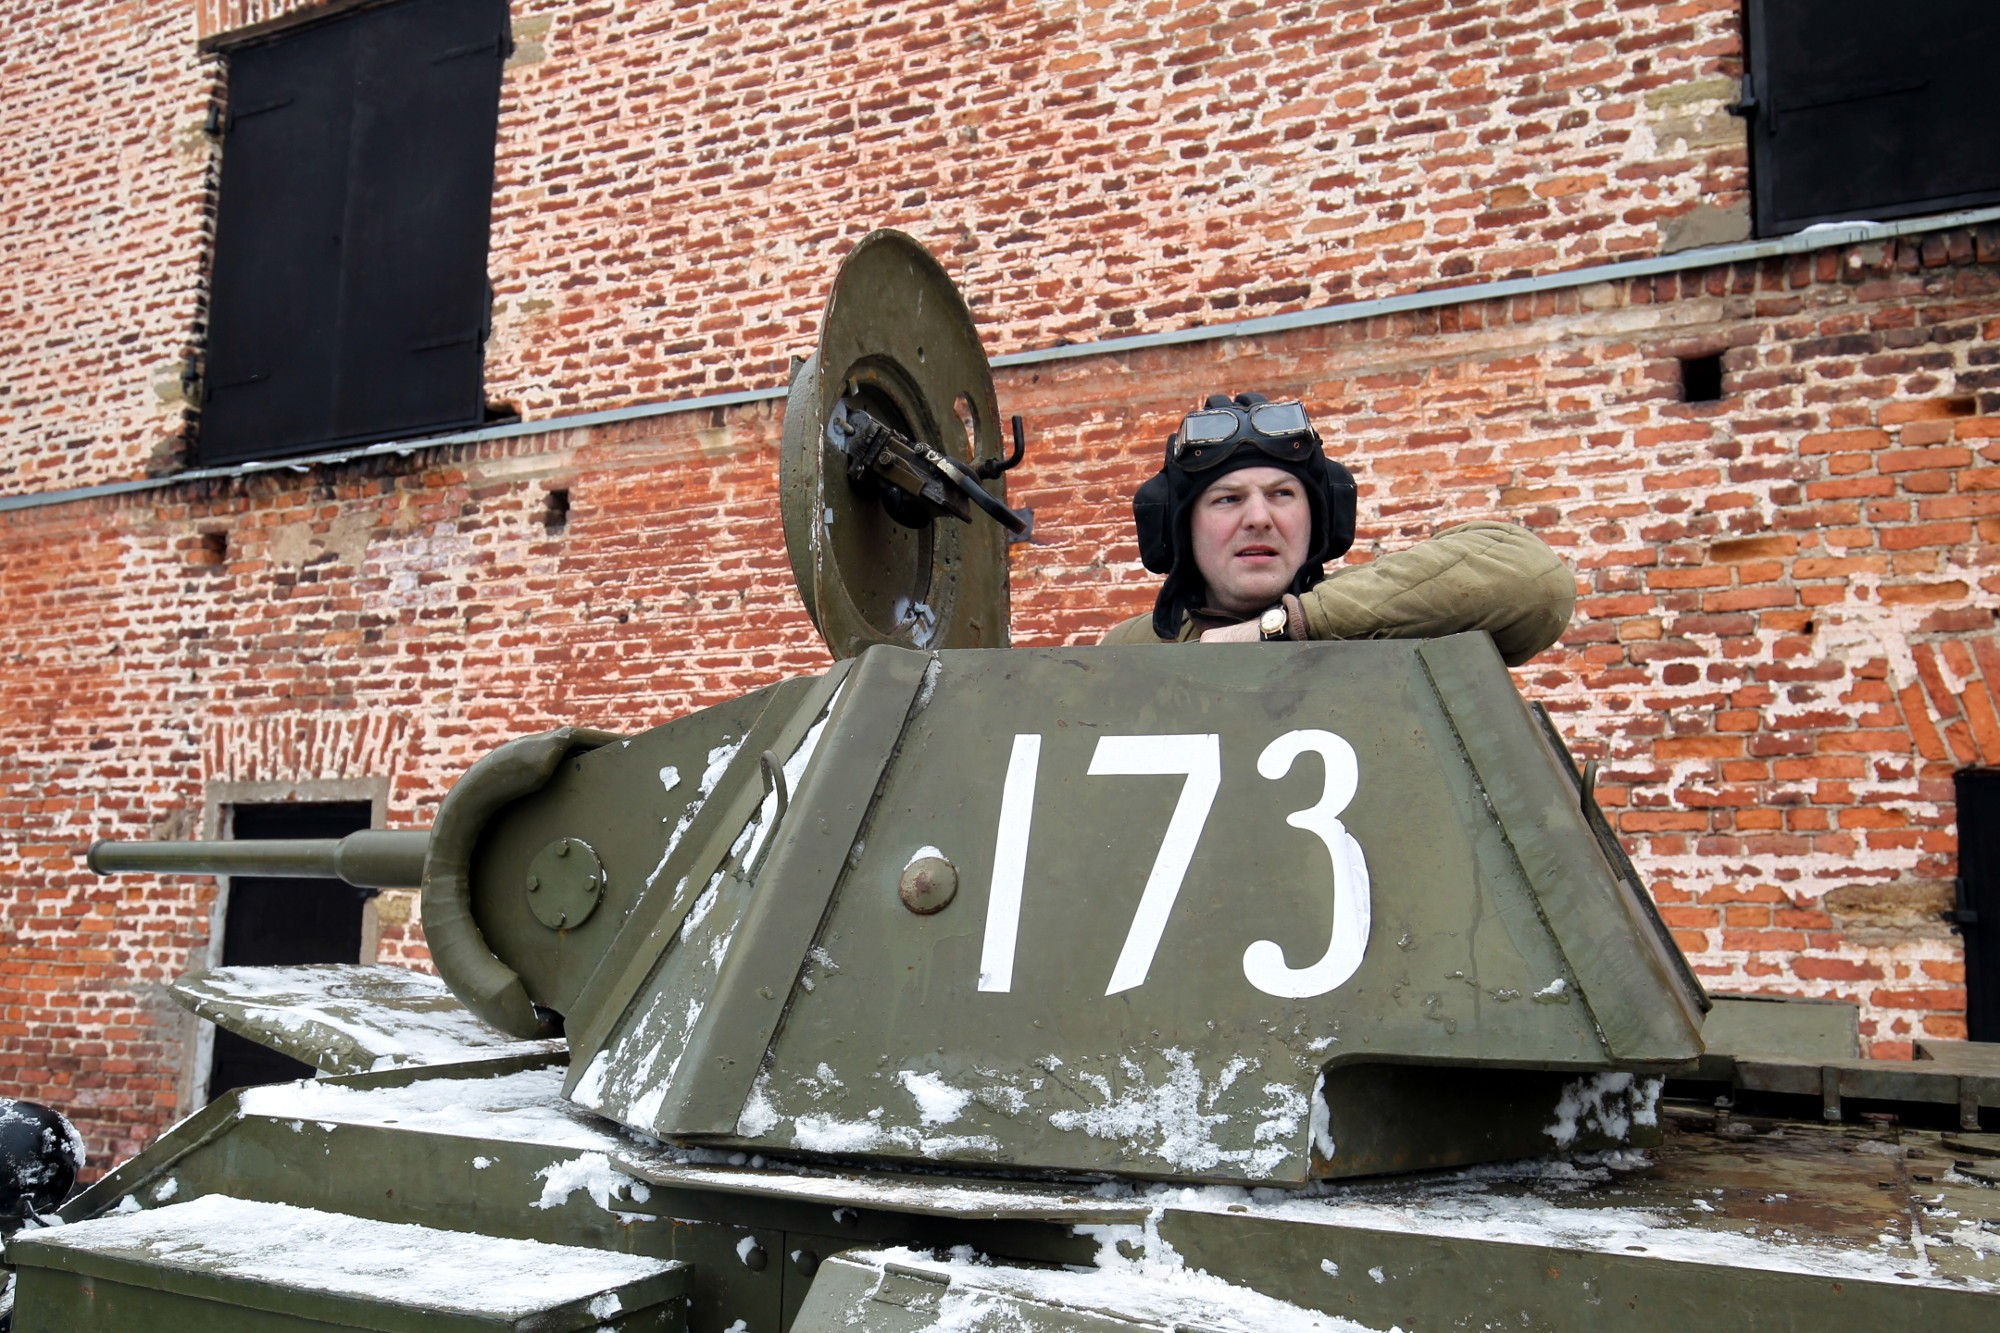 Масштабную реконструкцию Сталинградской битвы развернут вКронштадте